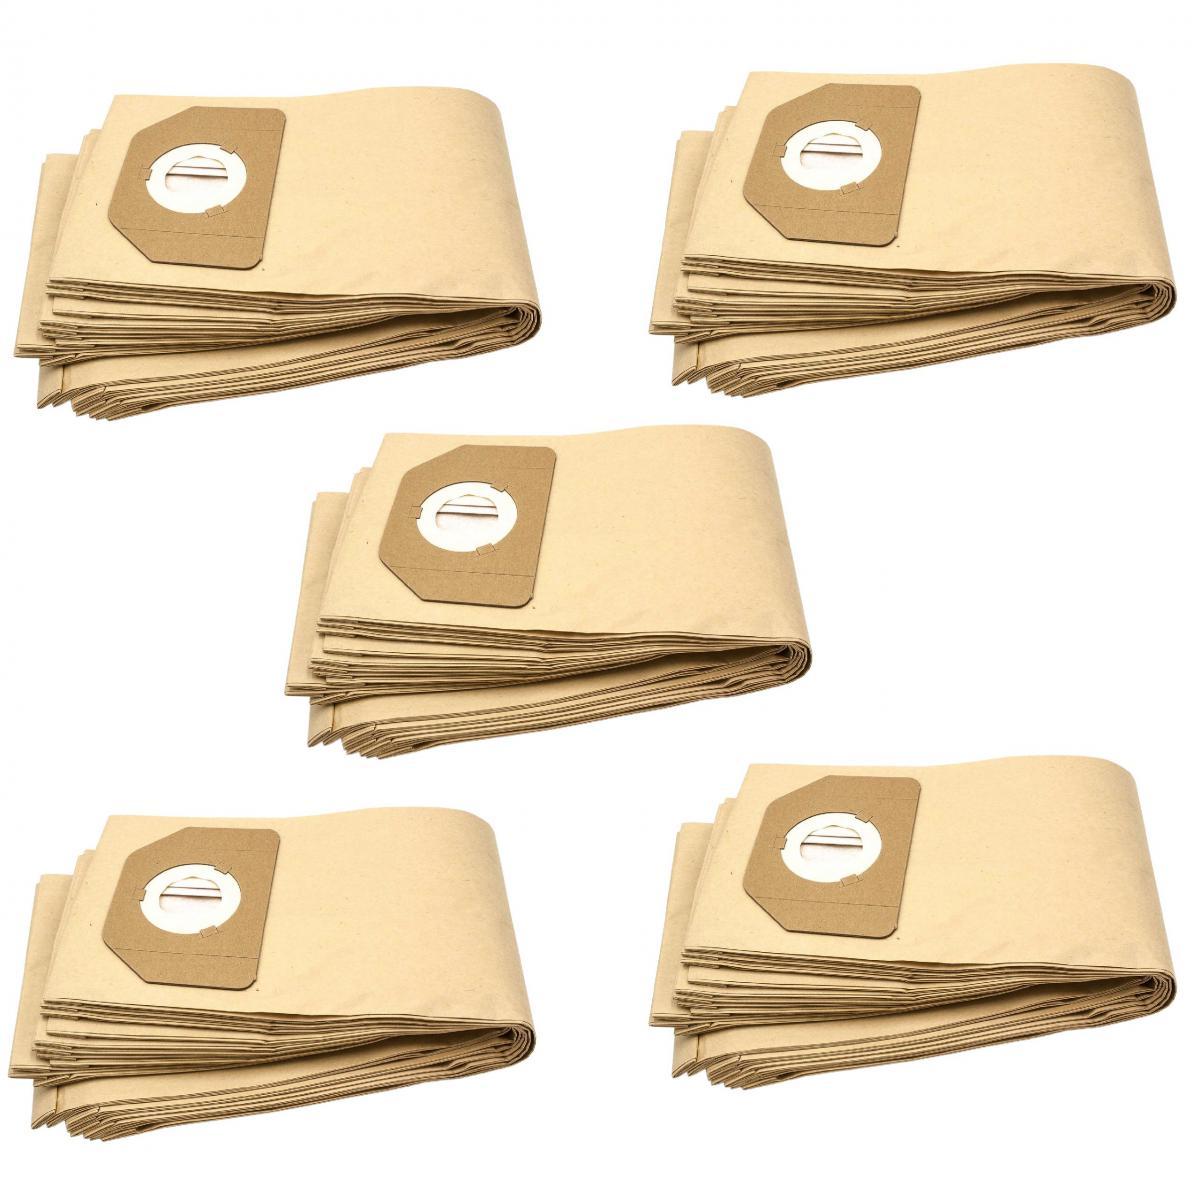 Vhbw vhbw 50x sacs compatible avec Rowenta RU 30-46, RU 461, RU 520 S, RU 521, Vorace, ZR 80, ZR 804 aspirateur - papier, mar